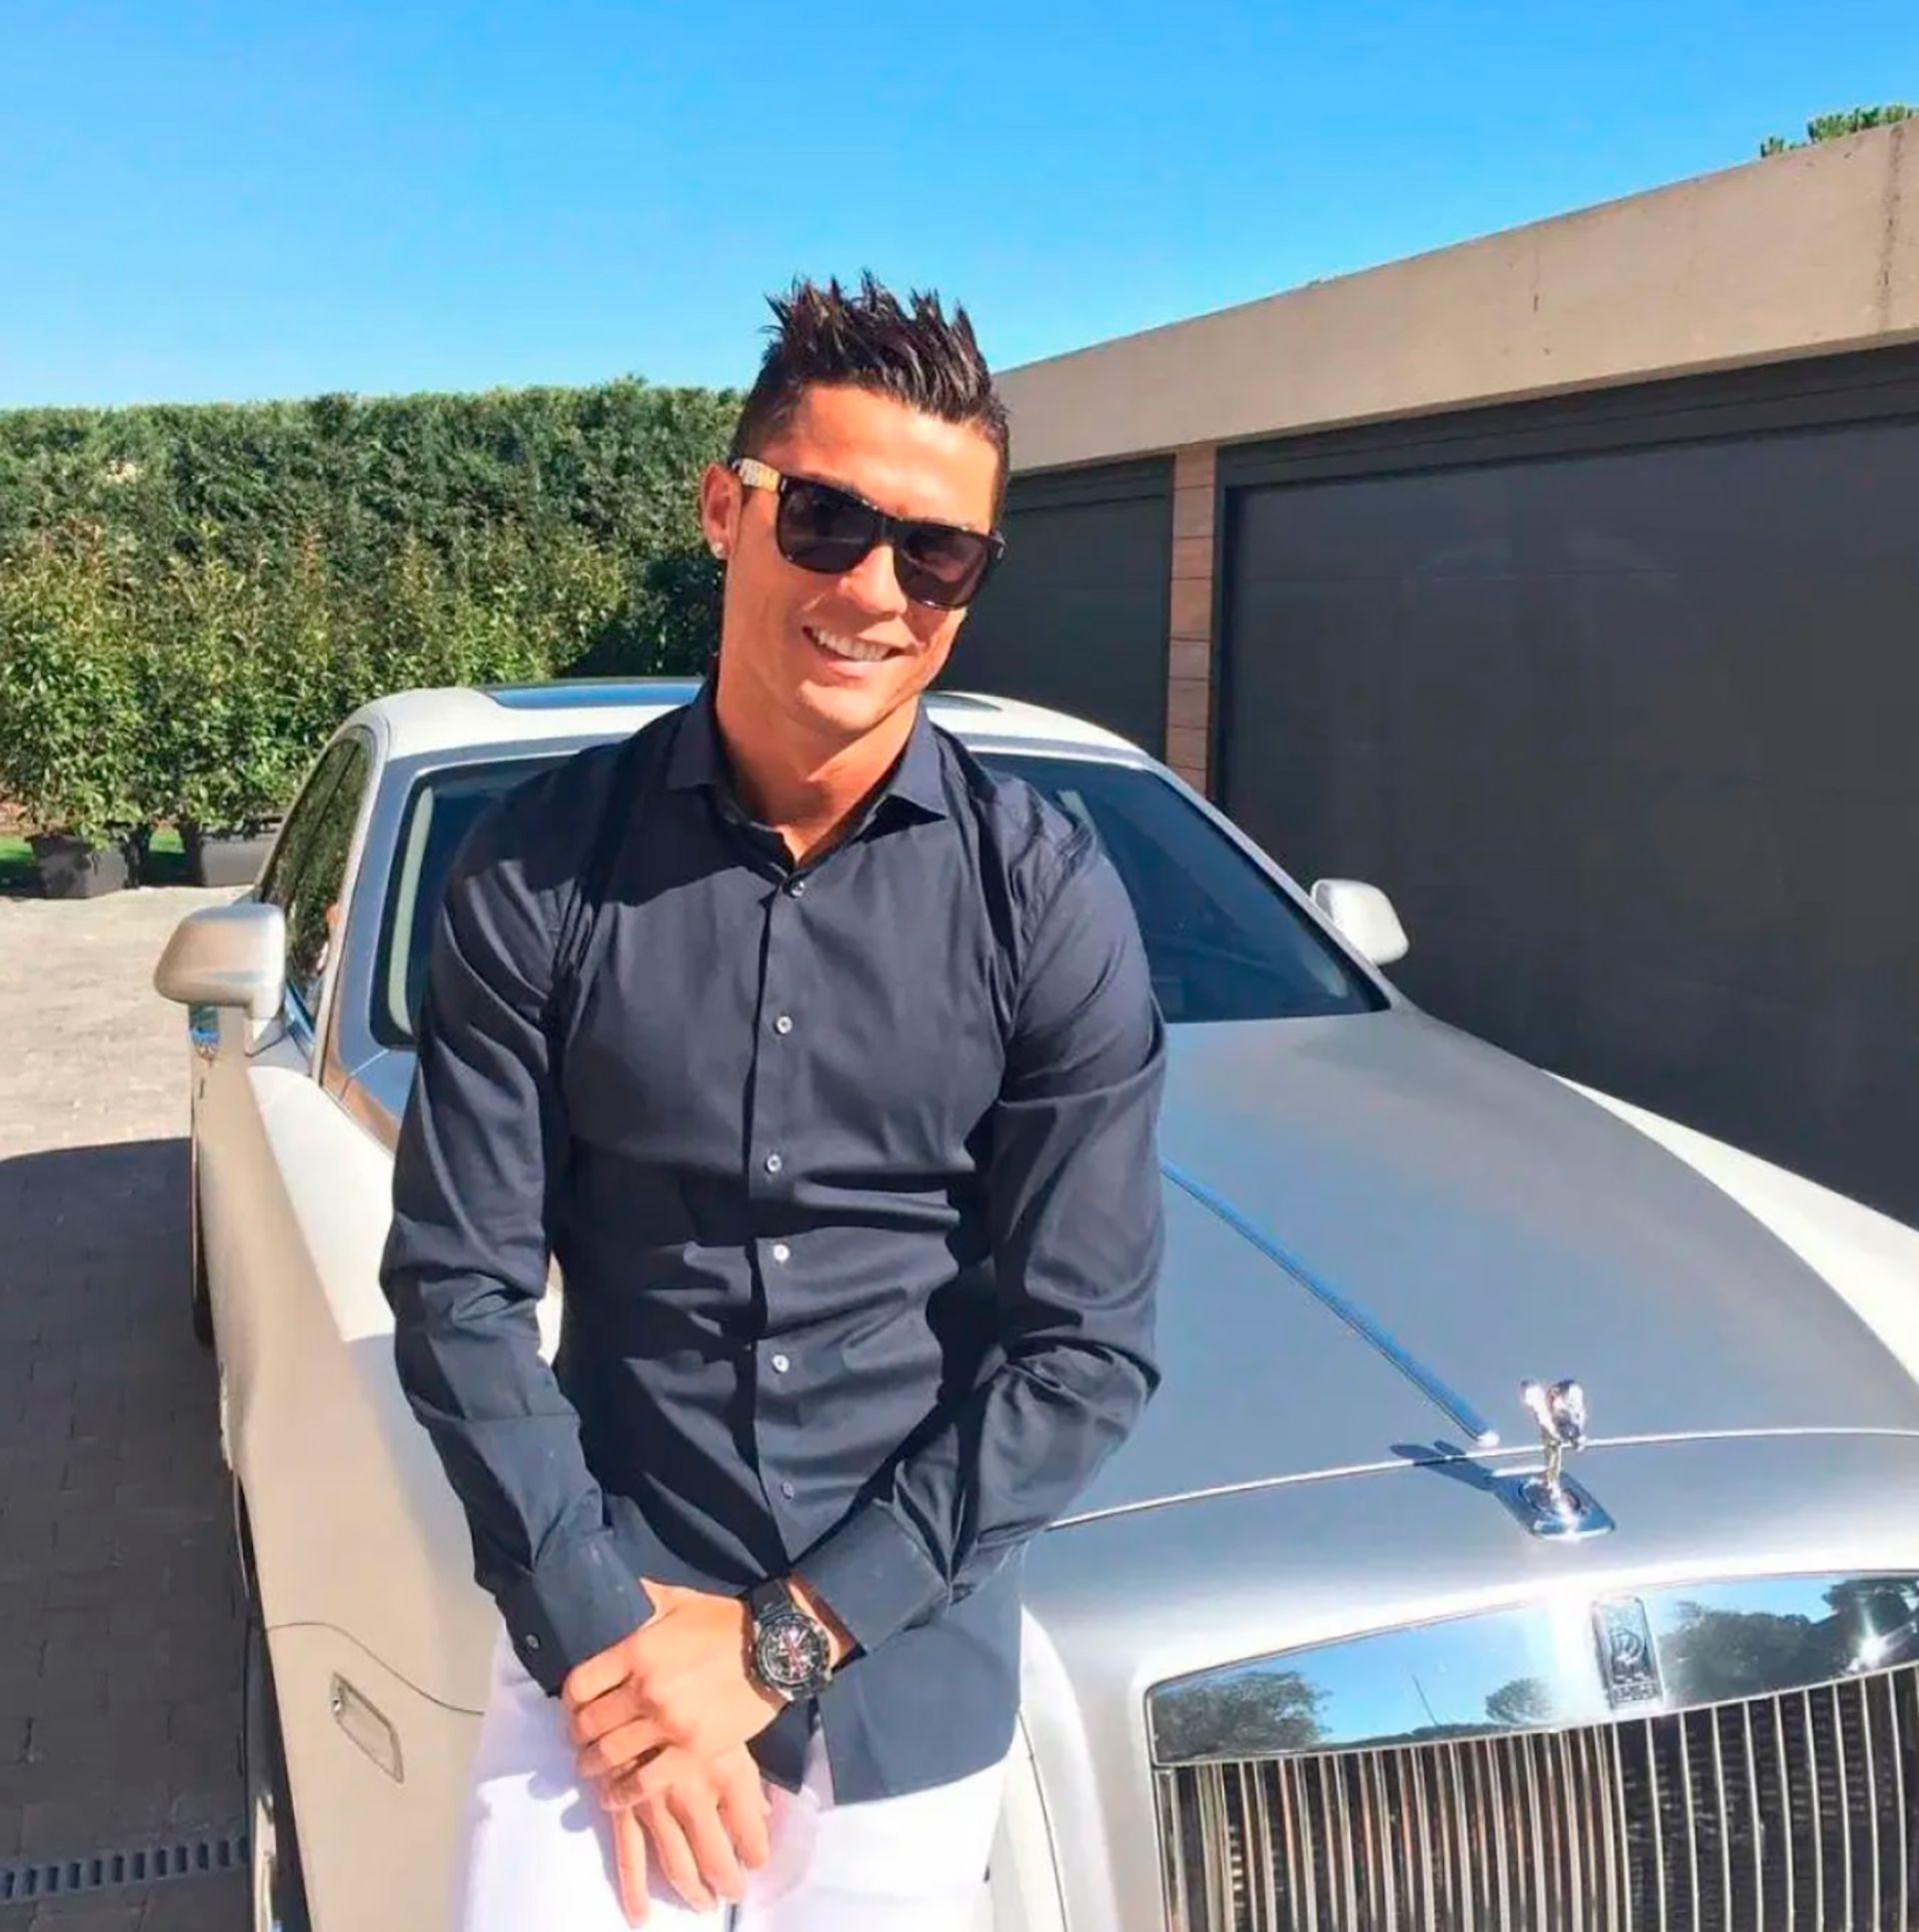 Cristiano Ronaldo colección autos